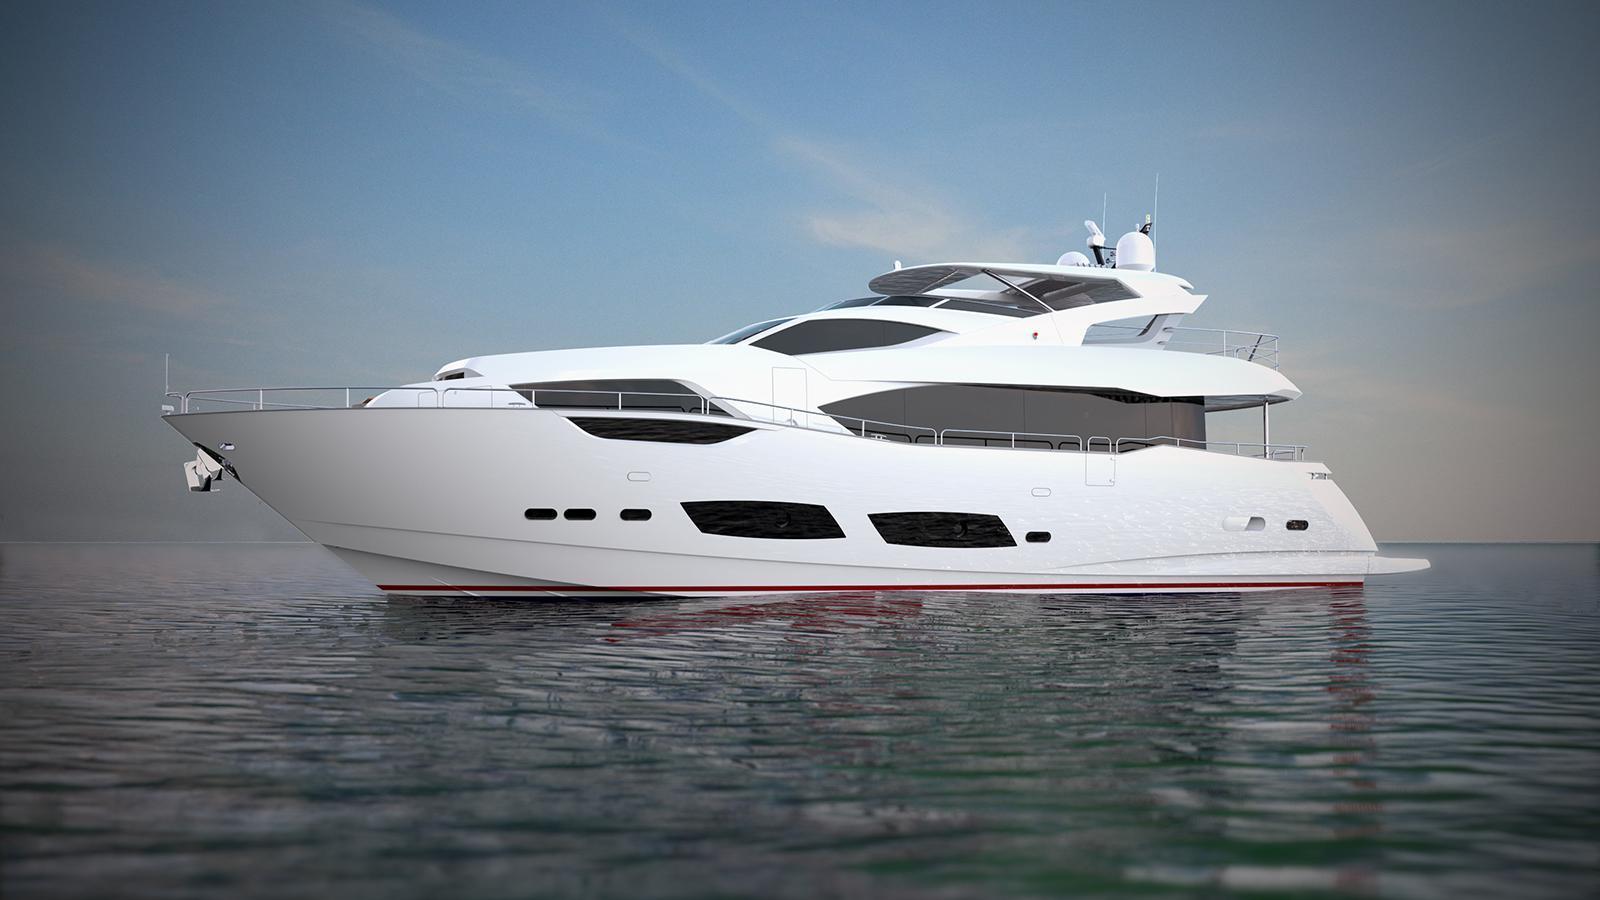 lavoro-sunseeker-95-yacht-rendering